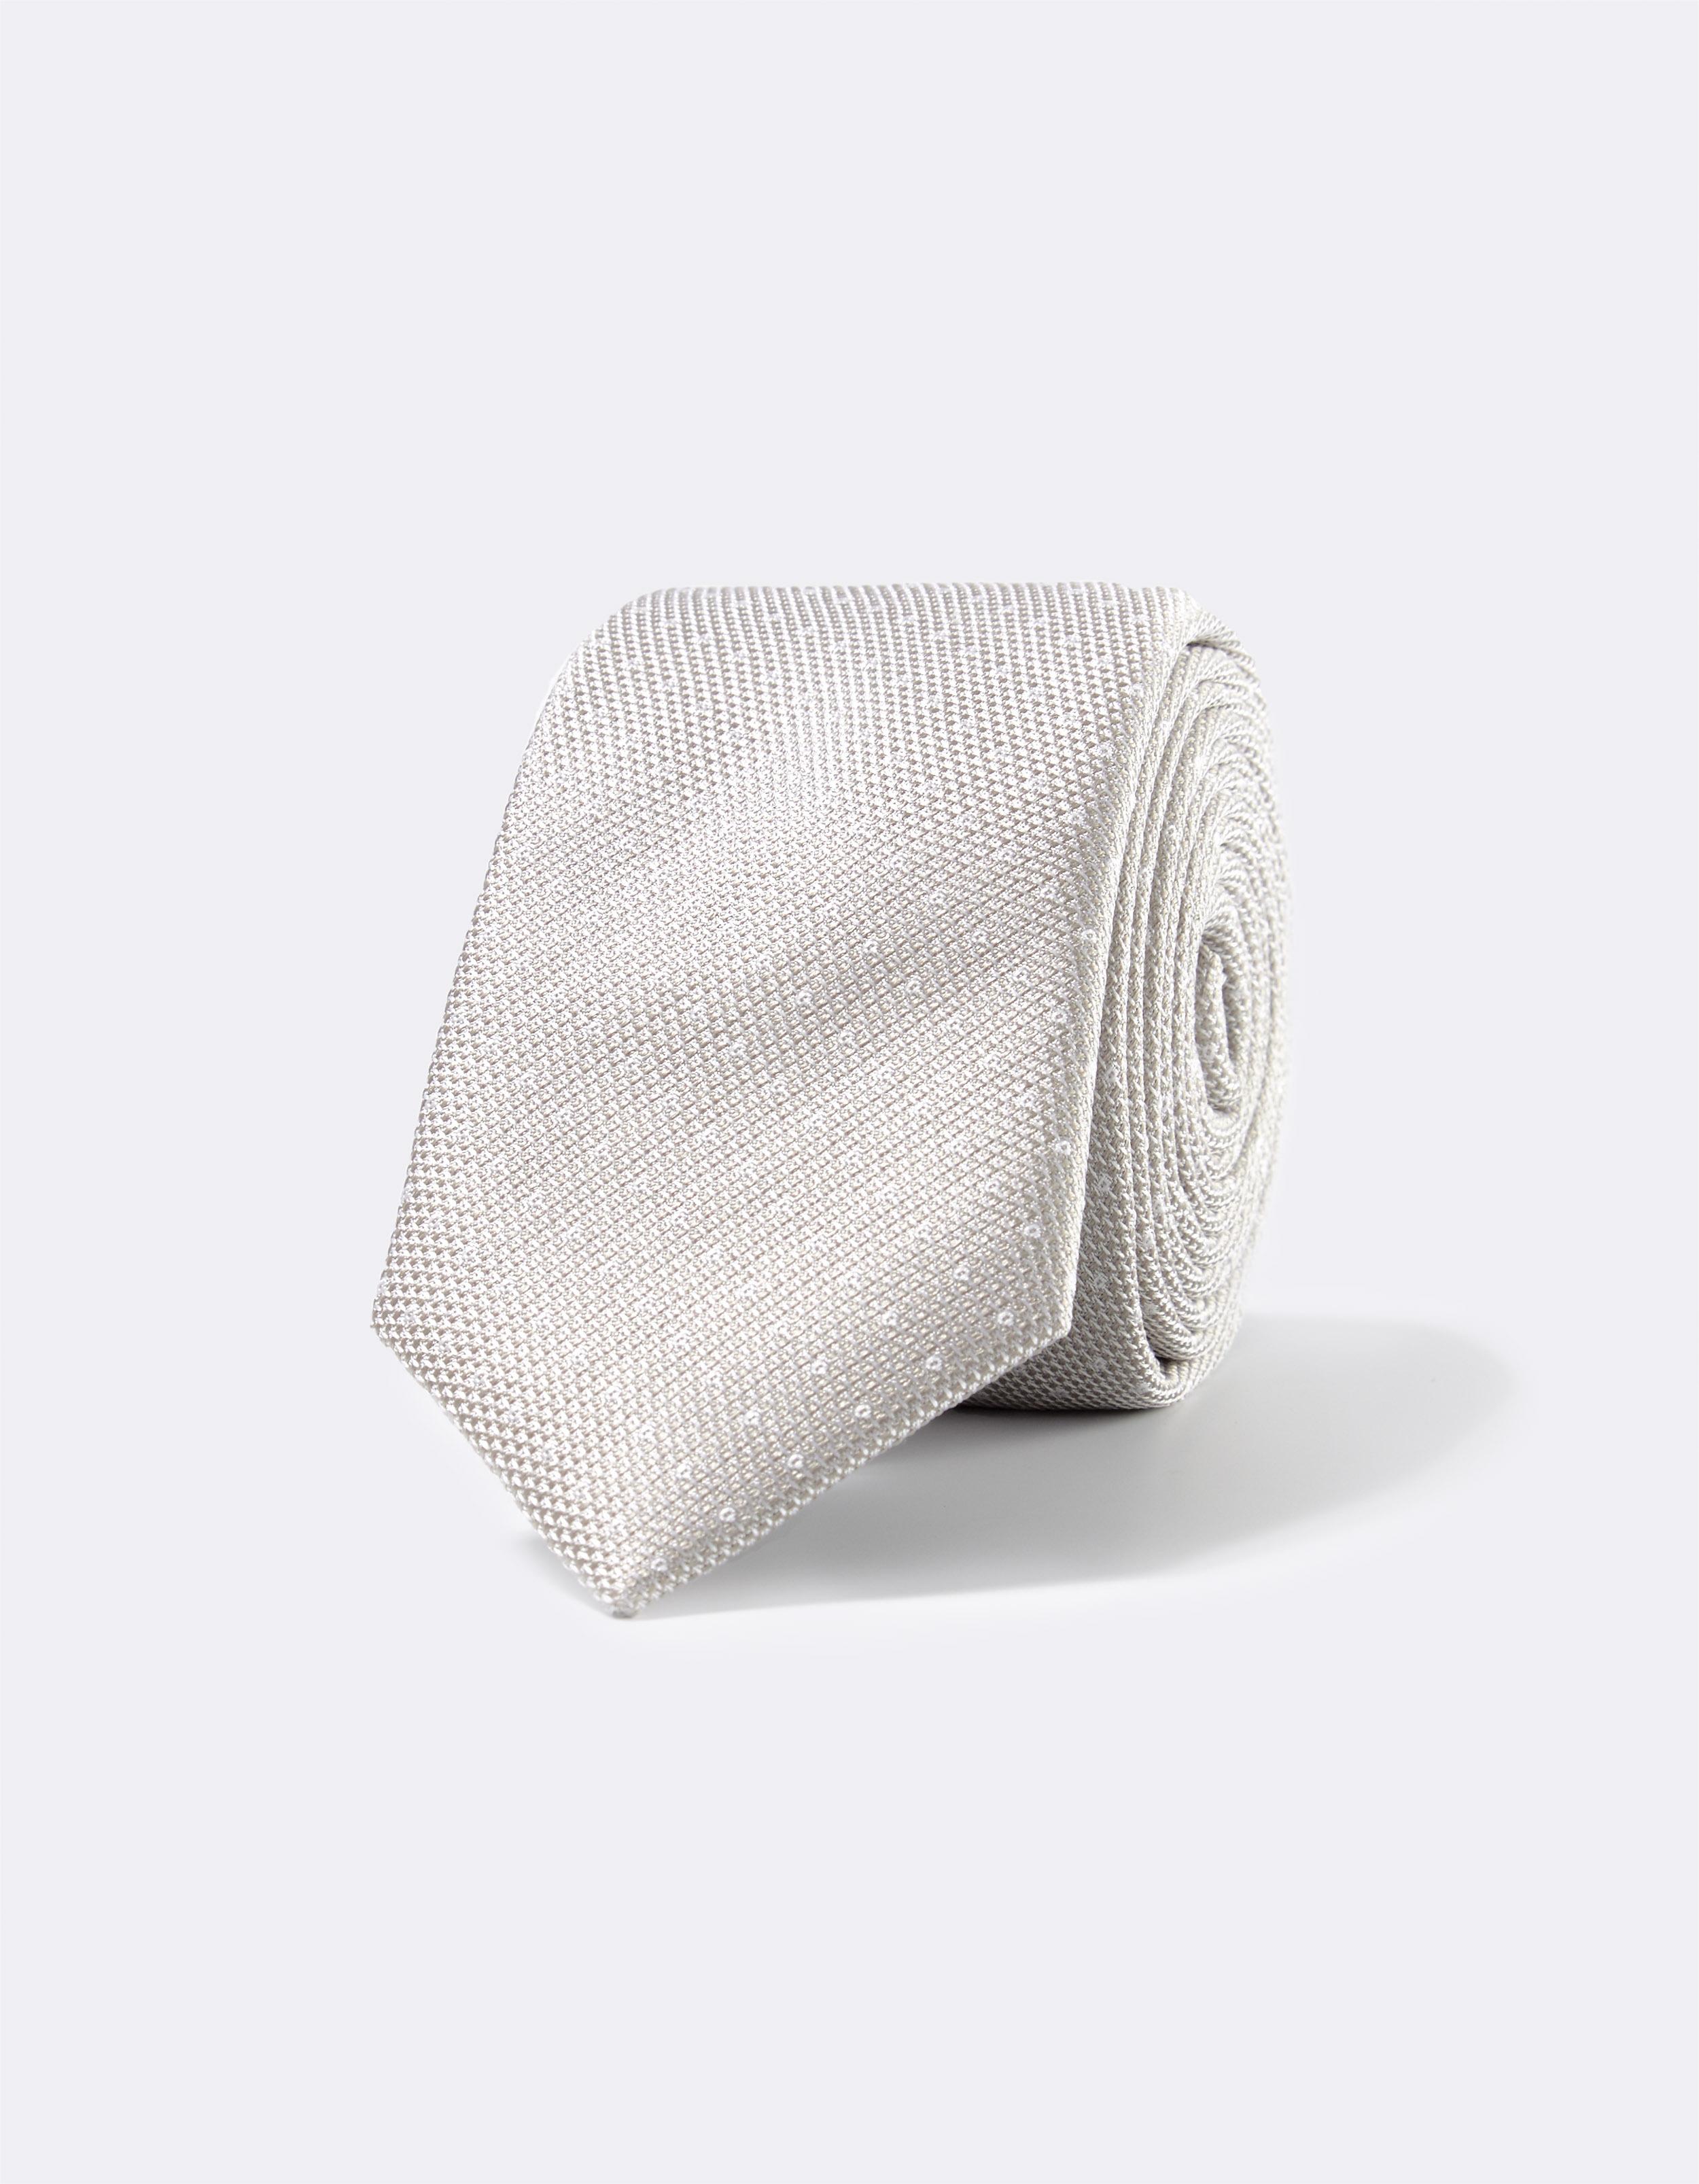 cravate 100% soie micro dessin Celio Club Prix 29,99 €